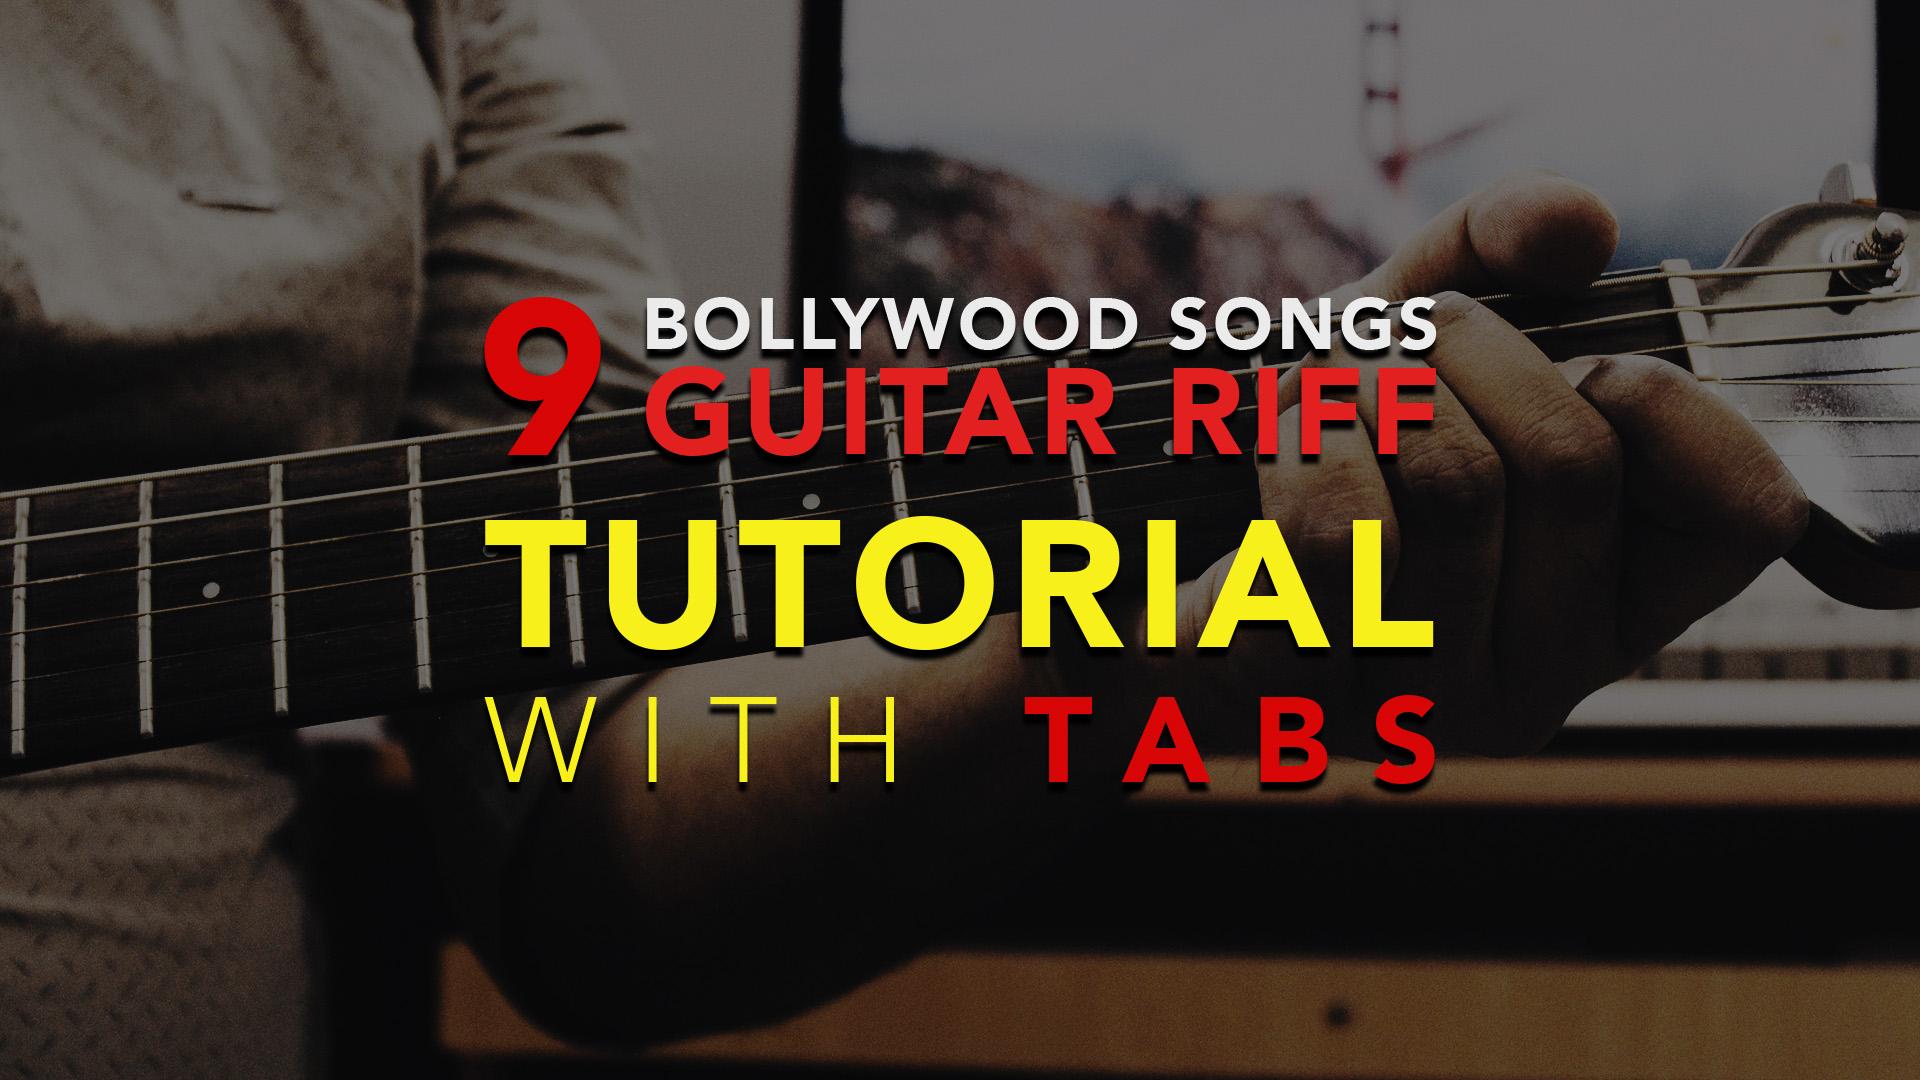 Guitar Songs Hindi Archives Subhadip Mondal Hindi guitar melodies playlist songs are in hindi language. subhadip mondal